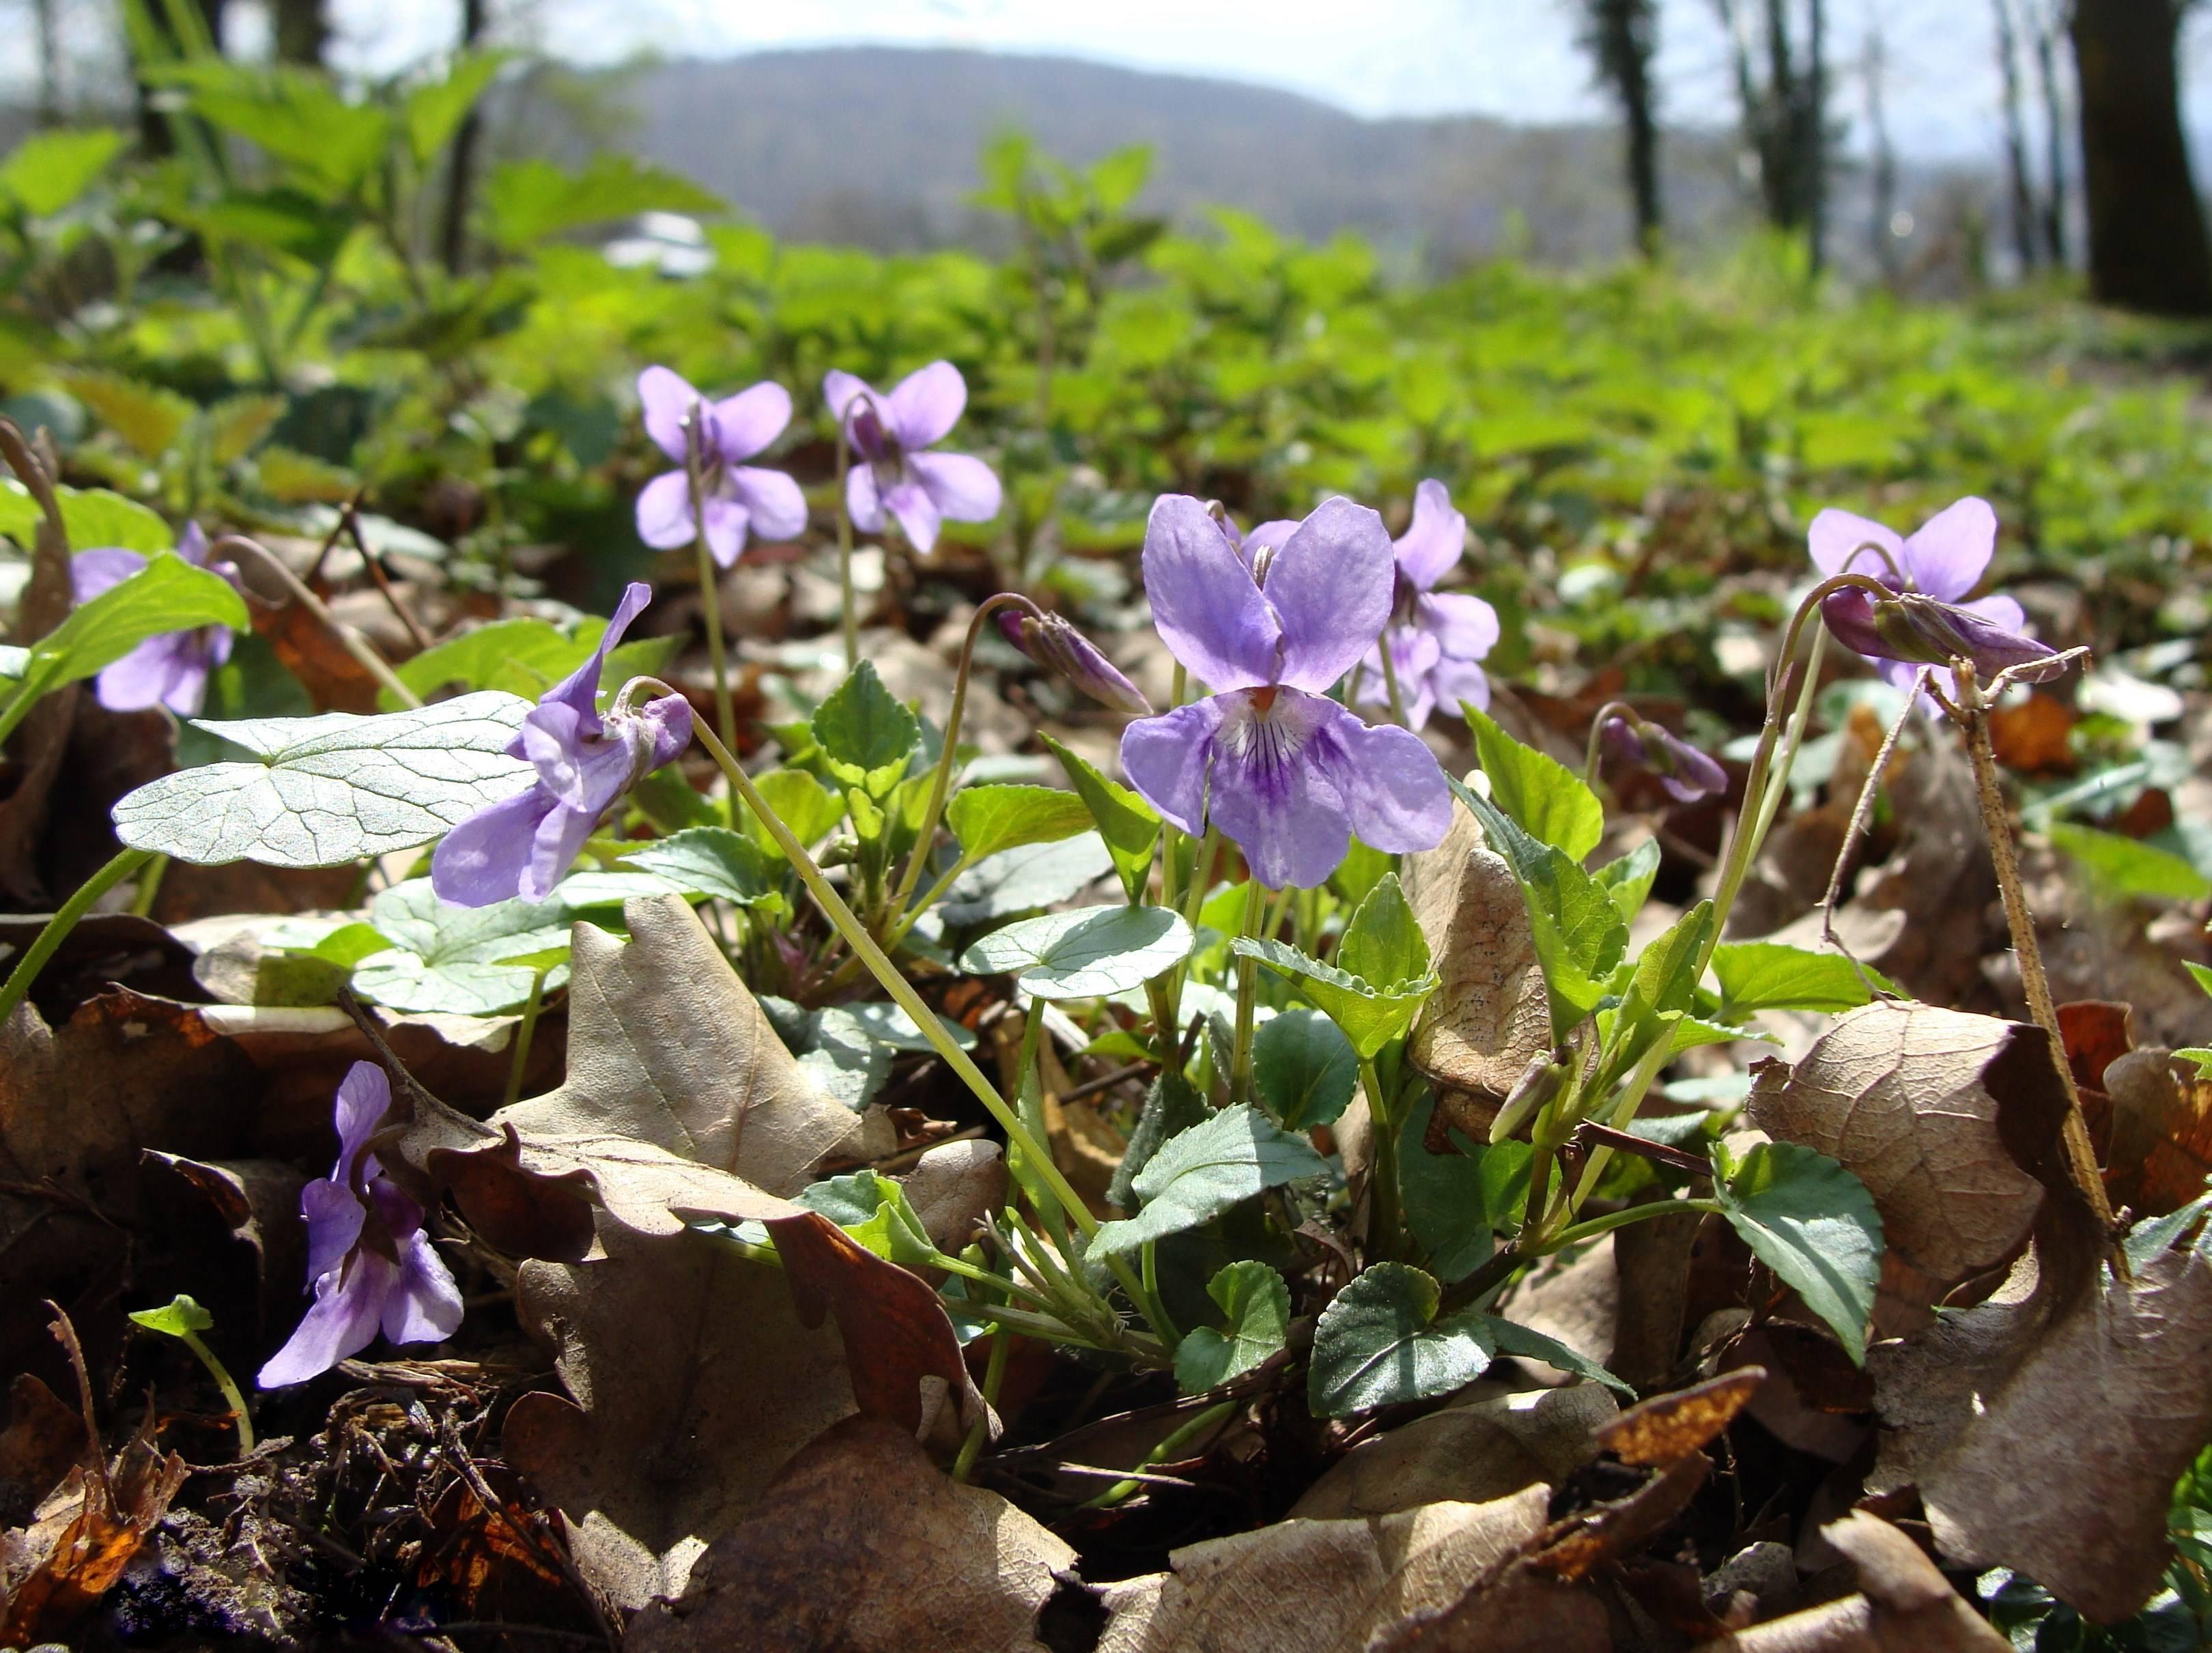 Интересная информация о том, где растёт фиалка в природе